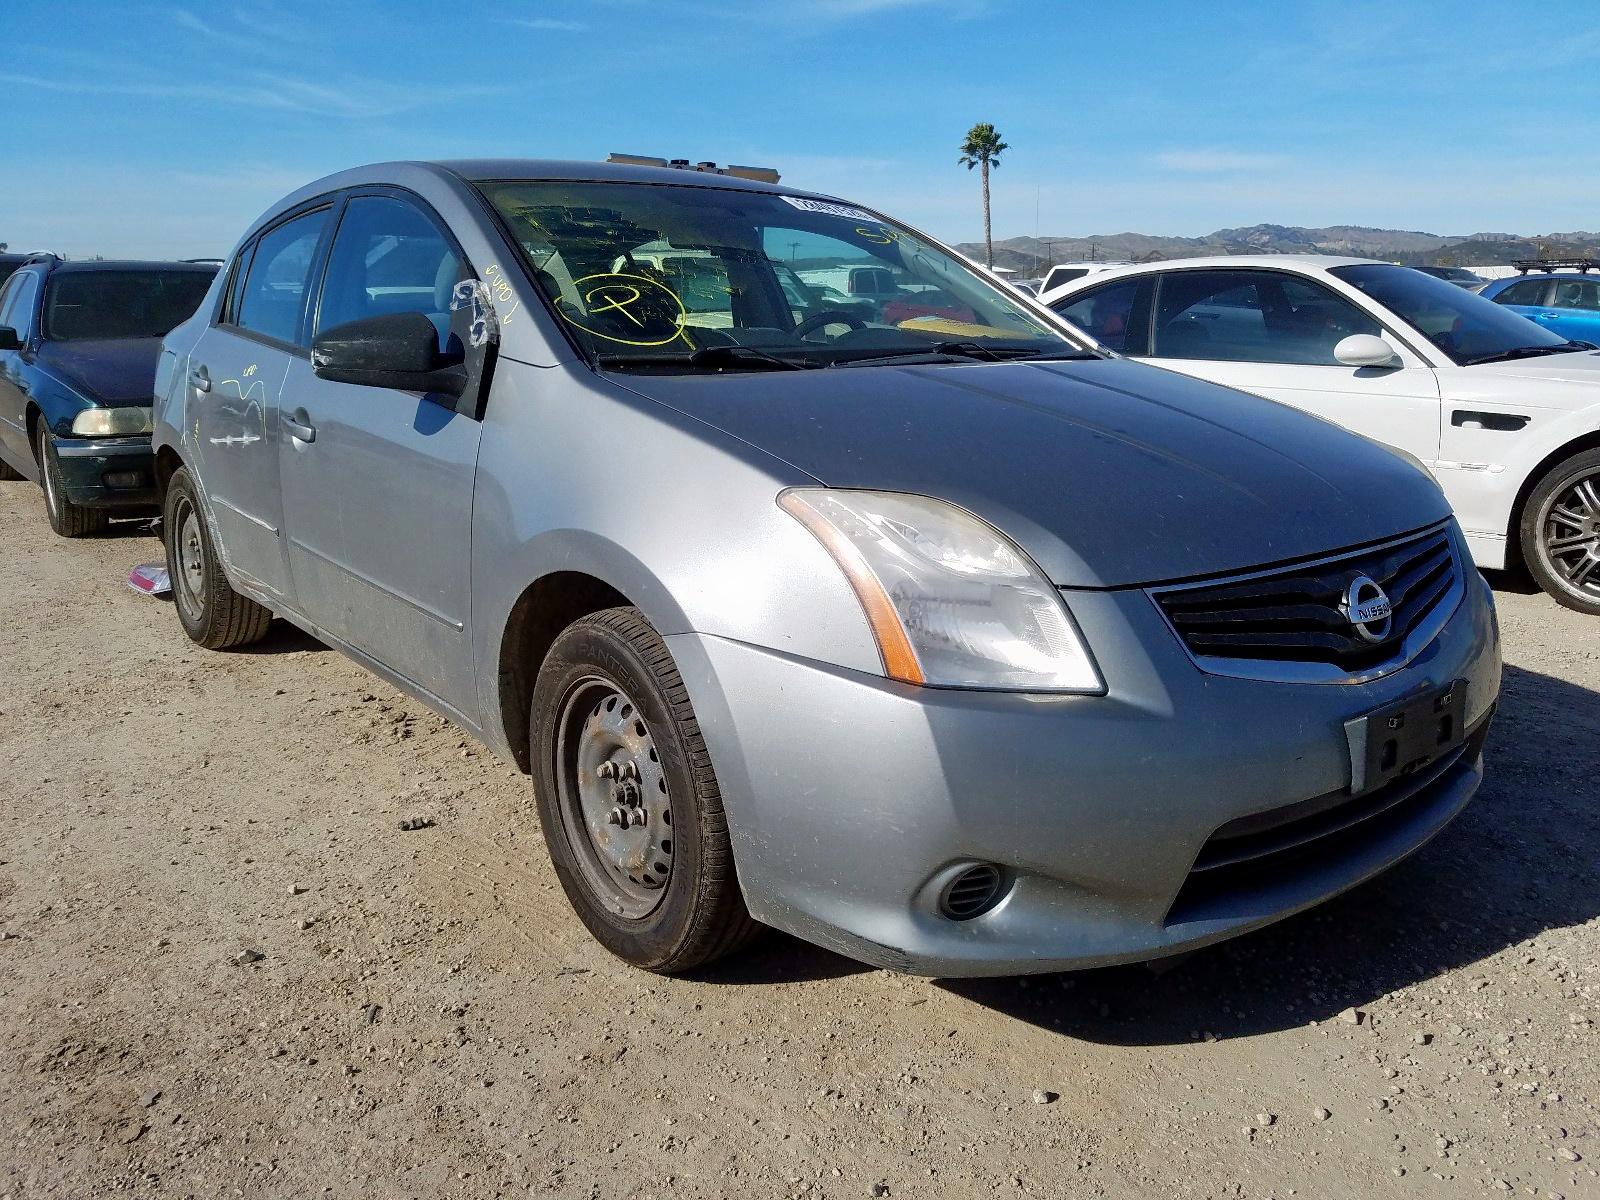 3N1AB6AP5CL773893 - 2012 Nissan Sentra 2.0 2.0L Left View